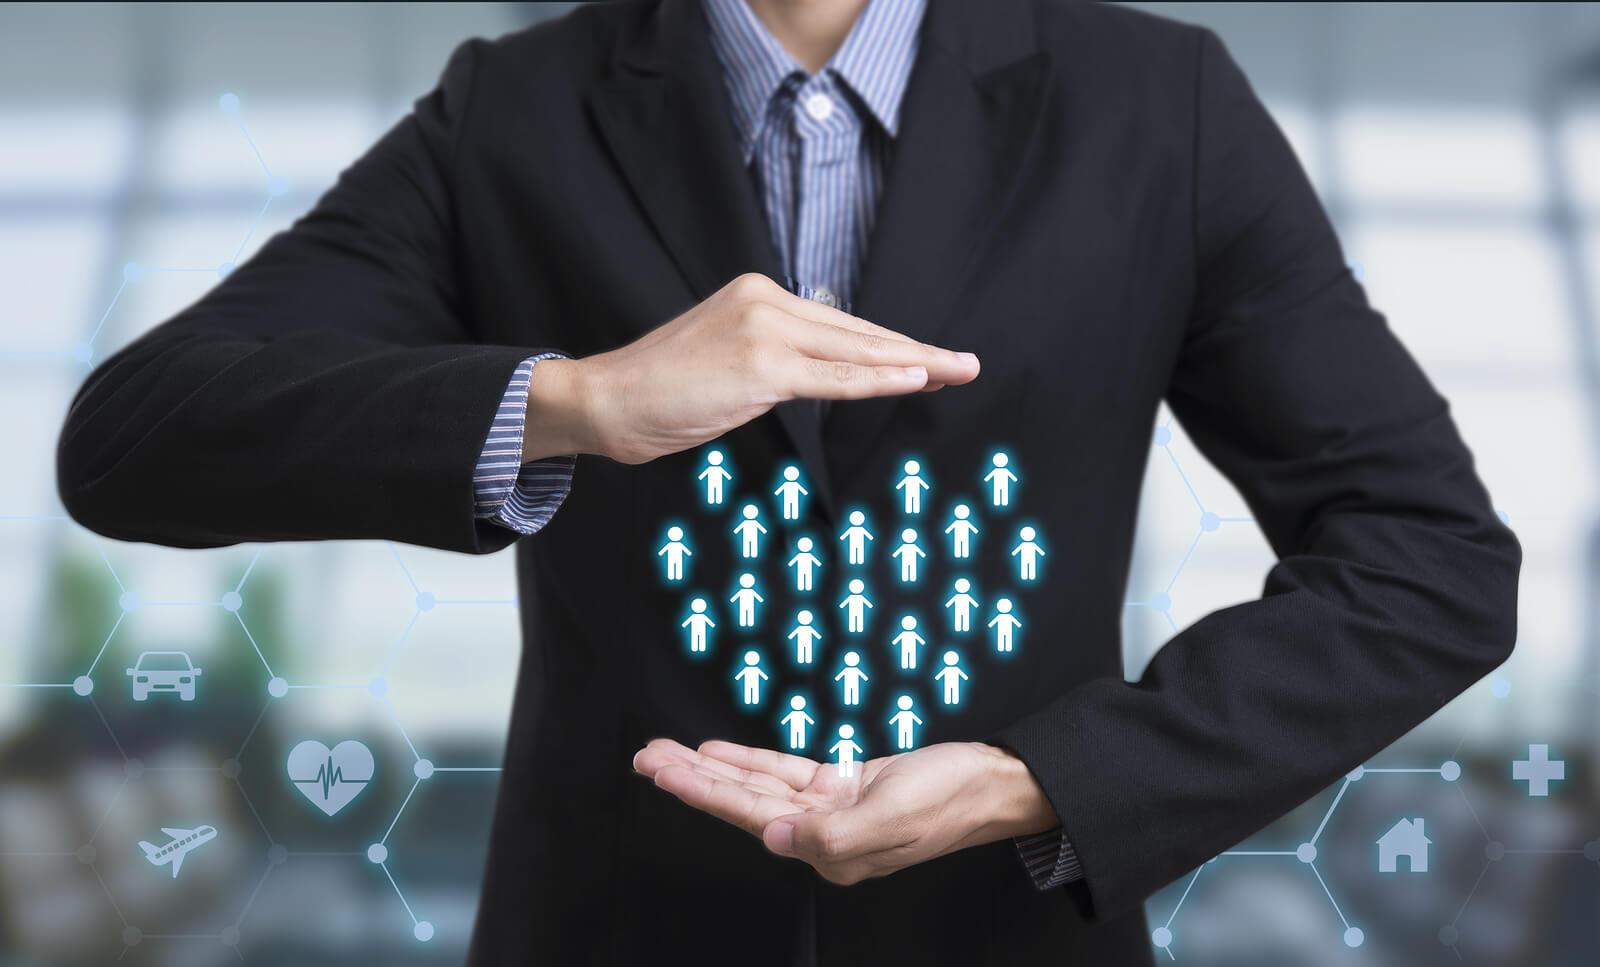 fortalecer la experiencia de los empleados es una de las principales prioridades que se marcan el 80% de los departamentos de Recursos Humanos